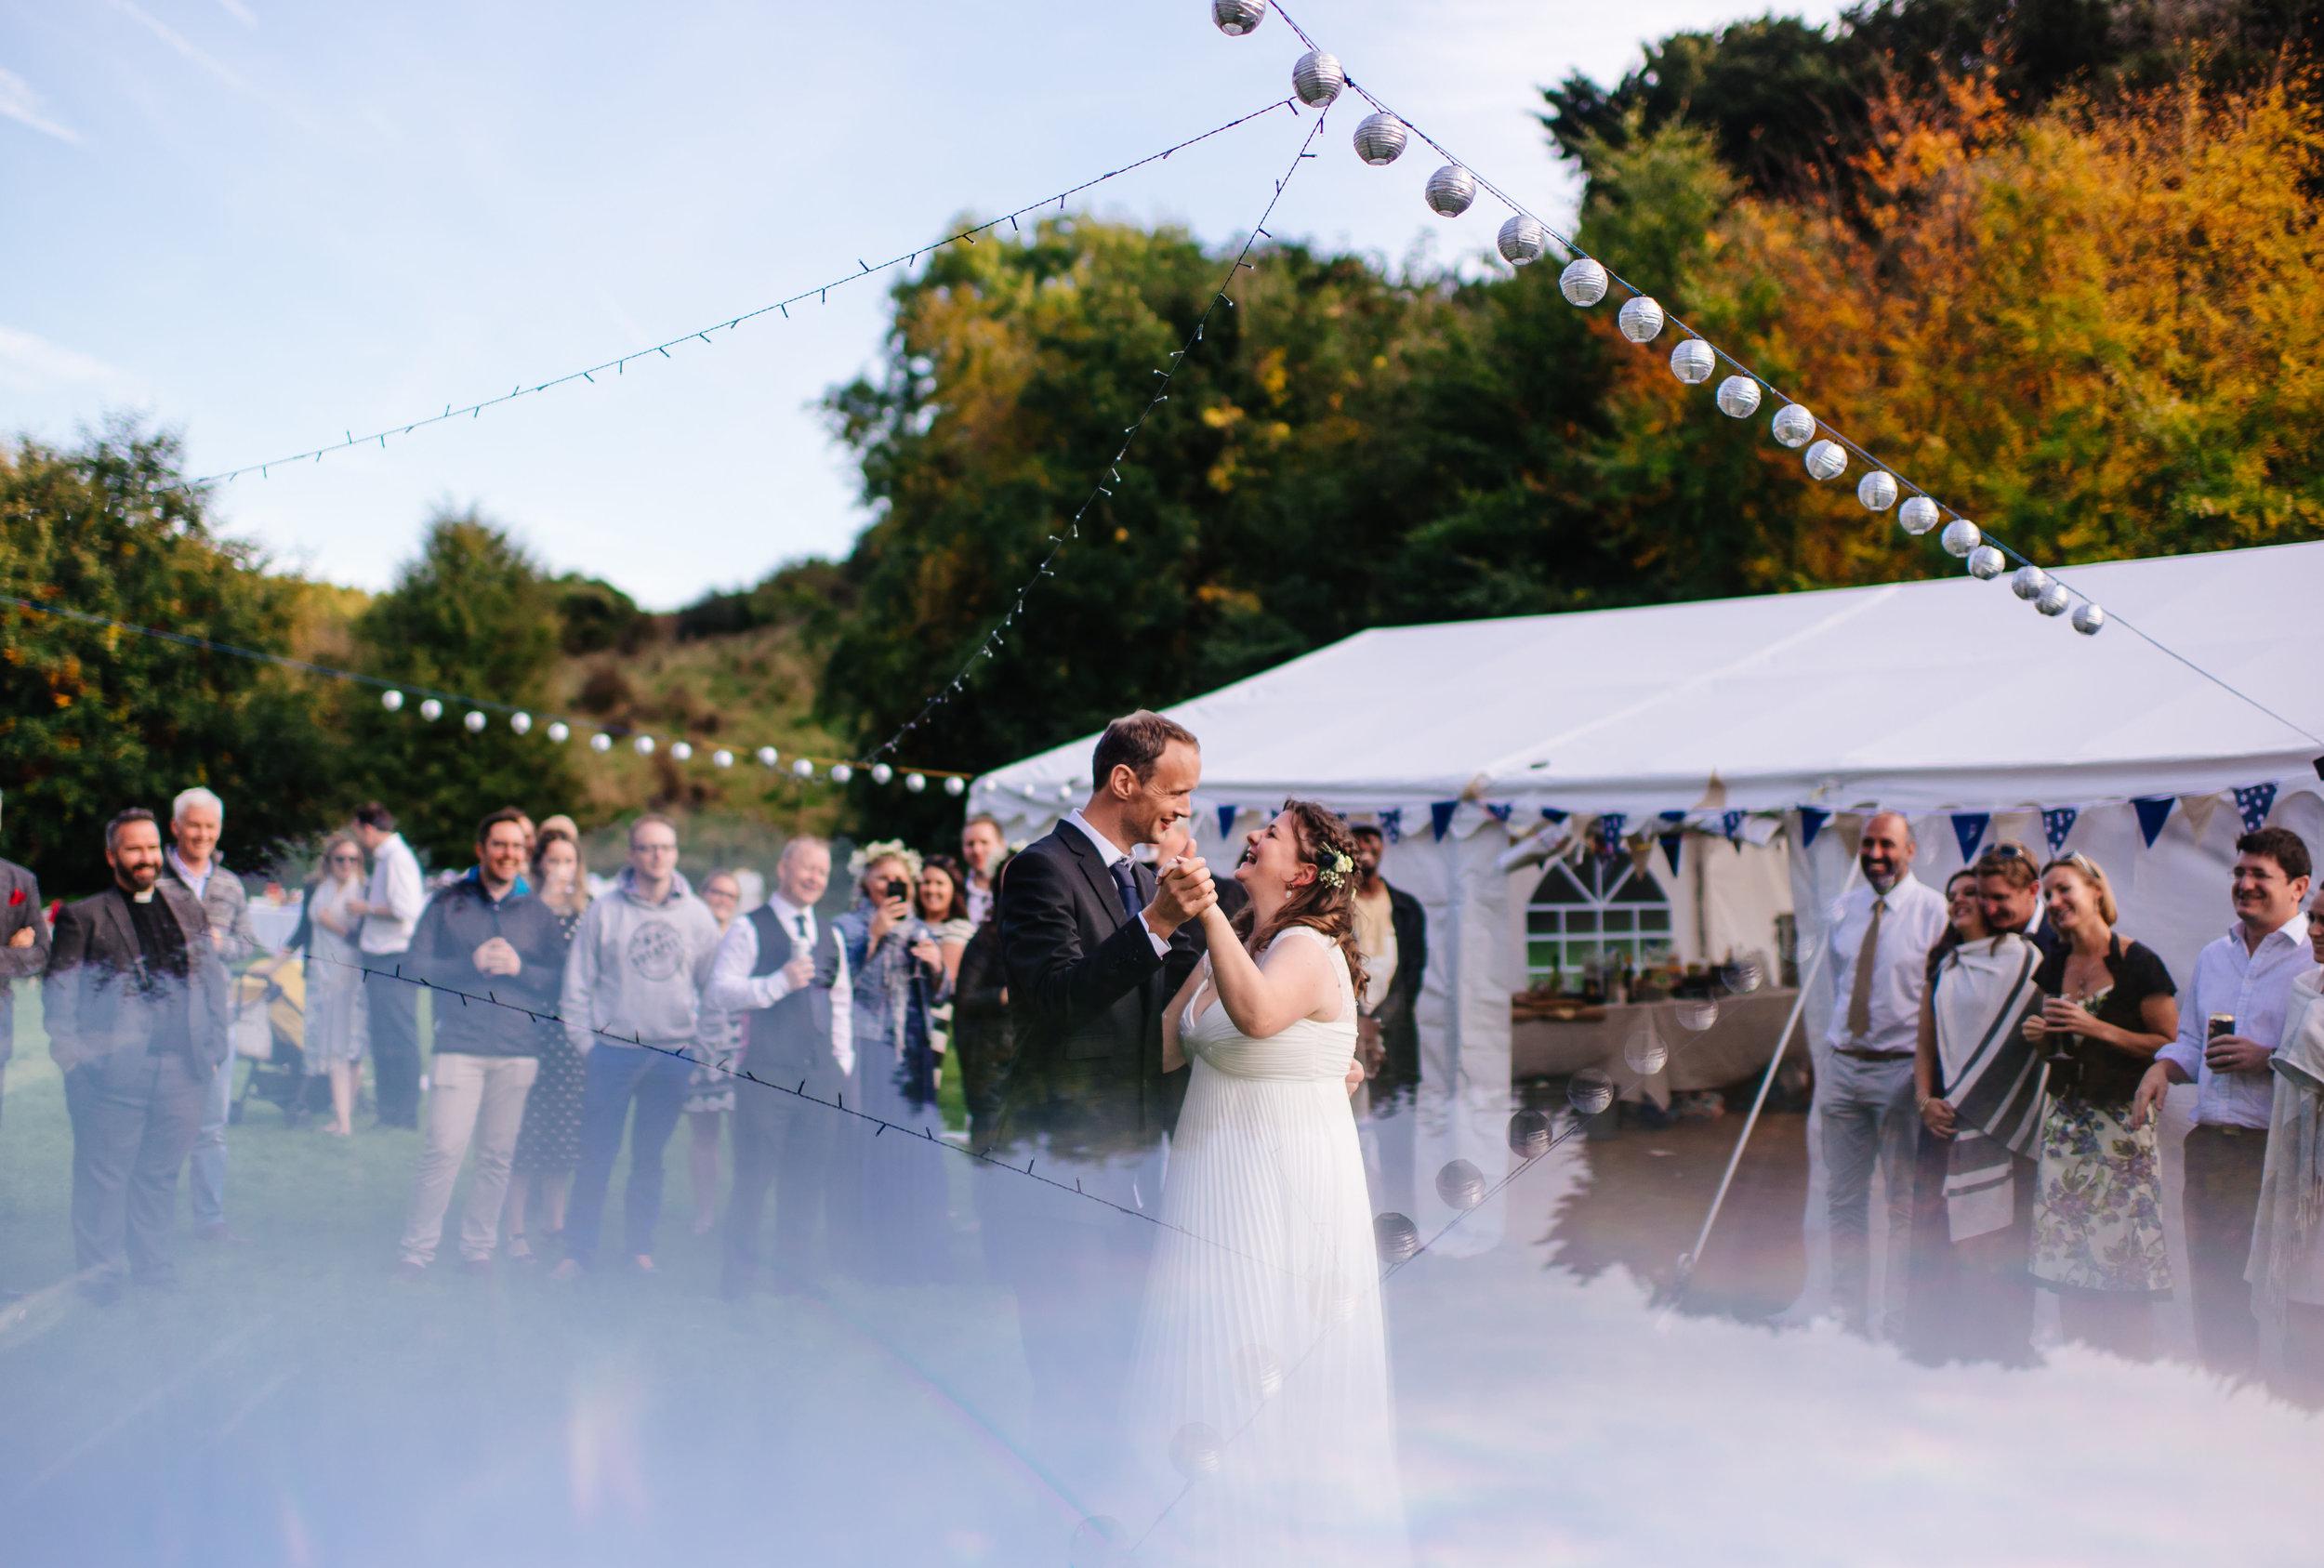 13 HampshirWEdding Photographer Bride Groom Queen Elizabeths County Park Summer Wedding First Dance.jpg